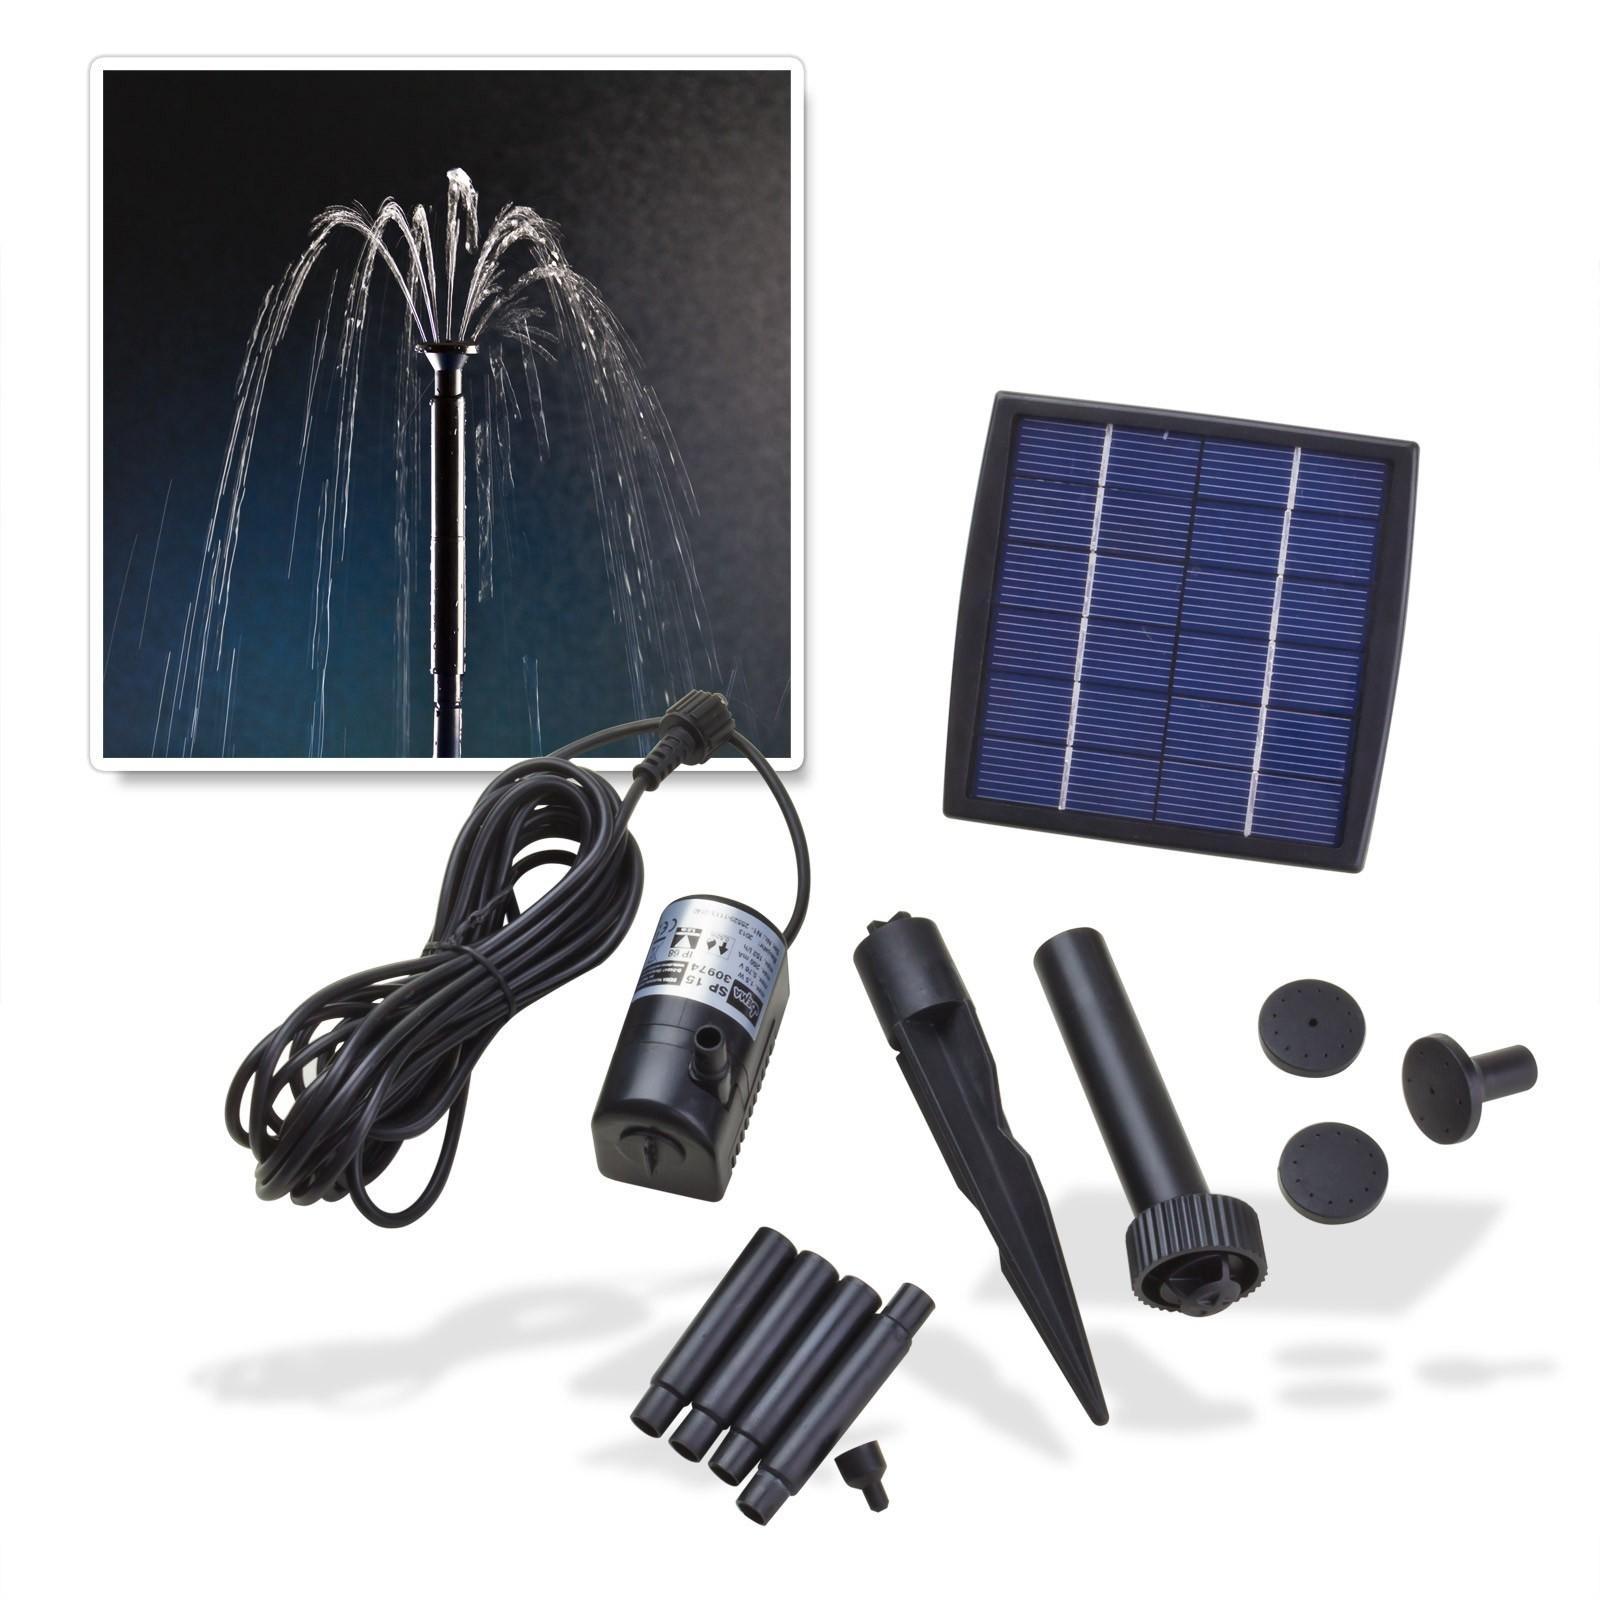 Dema Solar - Springbrunnenpumpe SP 150 für Gartenteich oder Zierbrunnen 30974